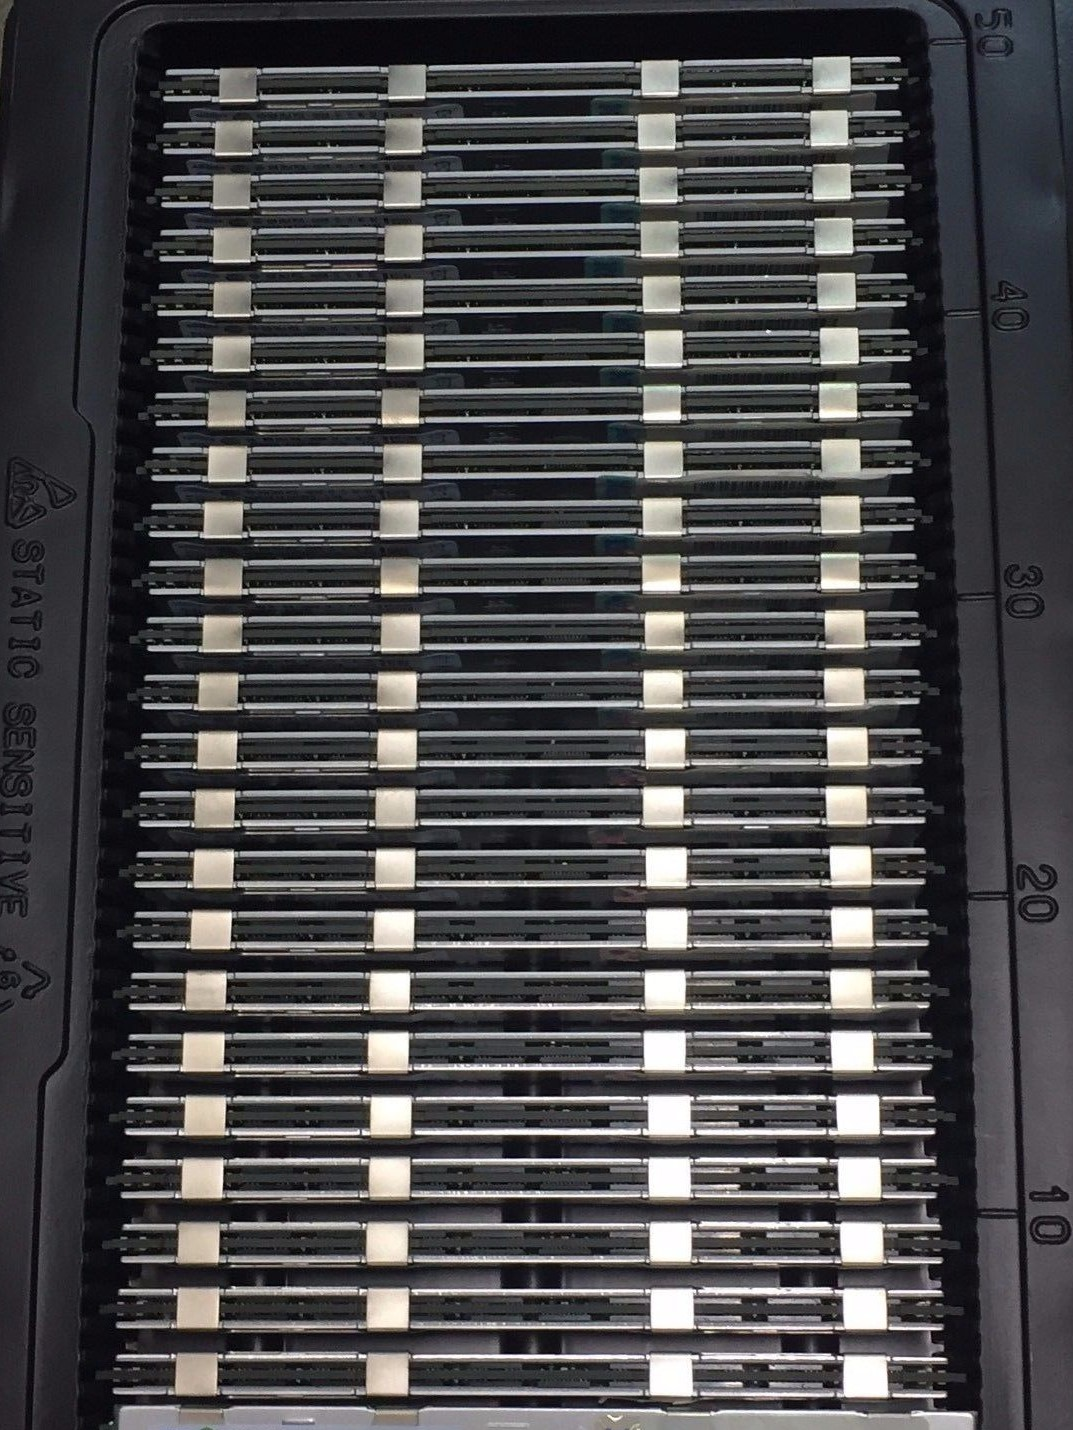 Nouveau pour Z640 Z840 16G DDR4 2400 PC4-2400T ECC REG 1 an de garantieNouveau pour Z640 Z840 16G DDR4 2400 PC4-2400T ECC REG 1 an de garantie